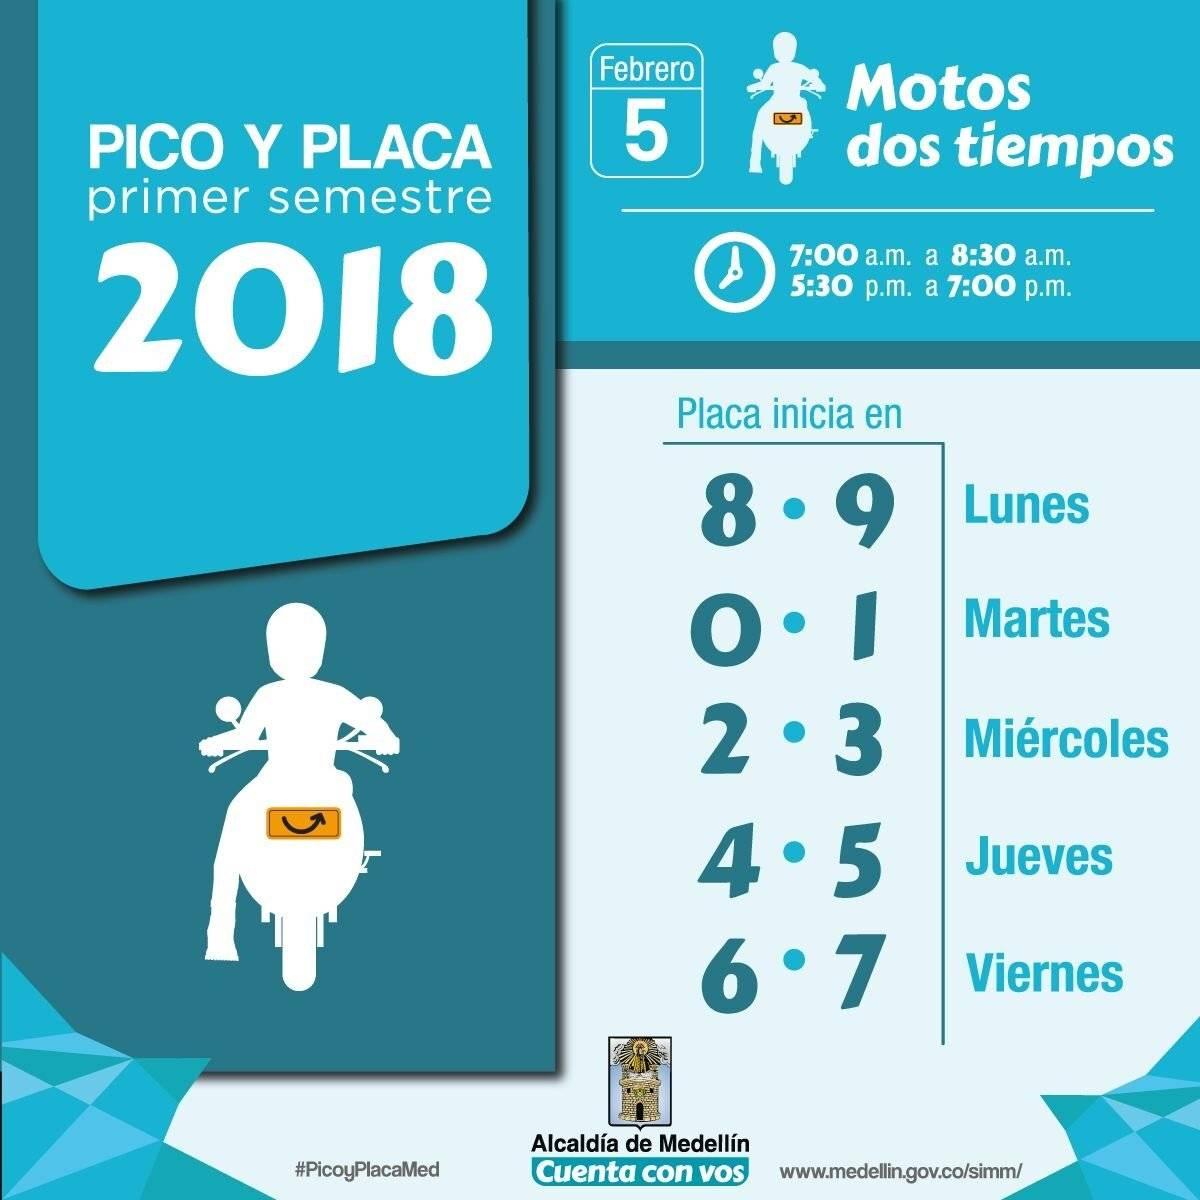 Pico y placa Medellín Motos